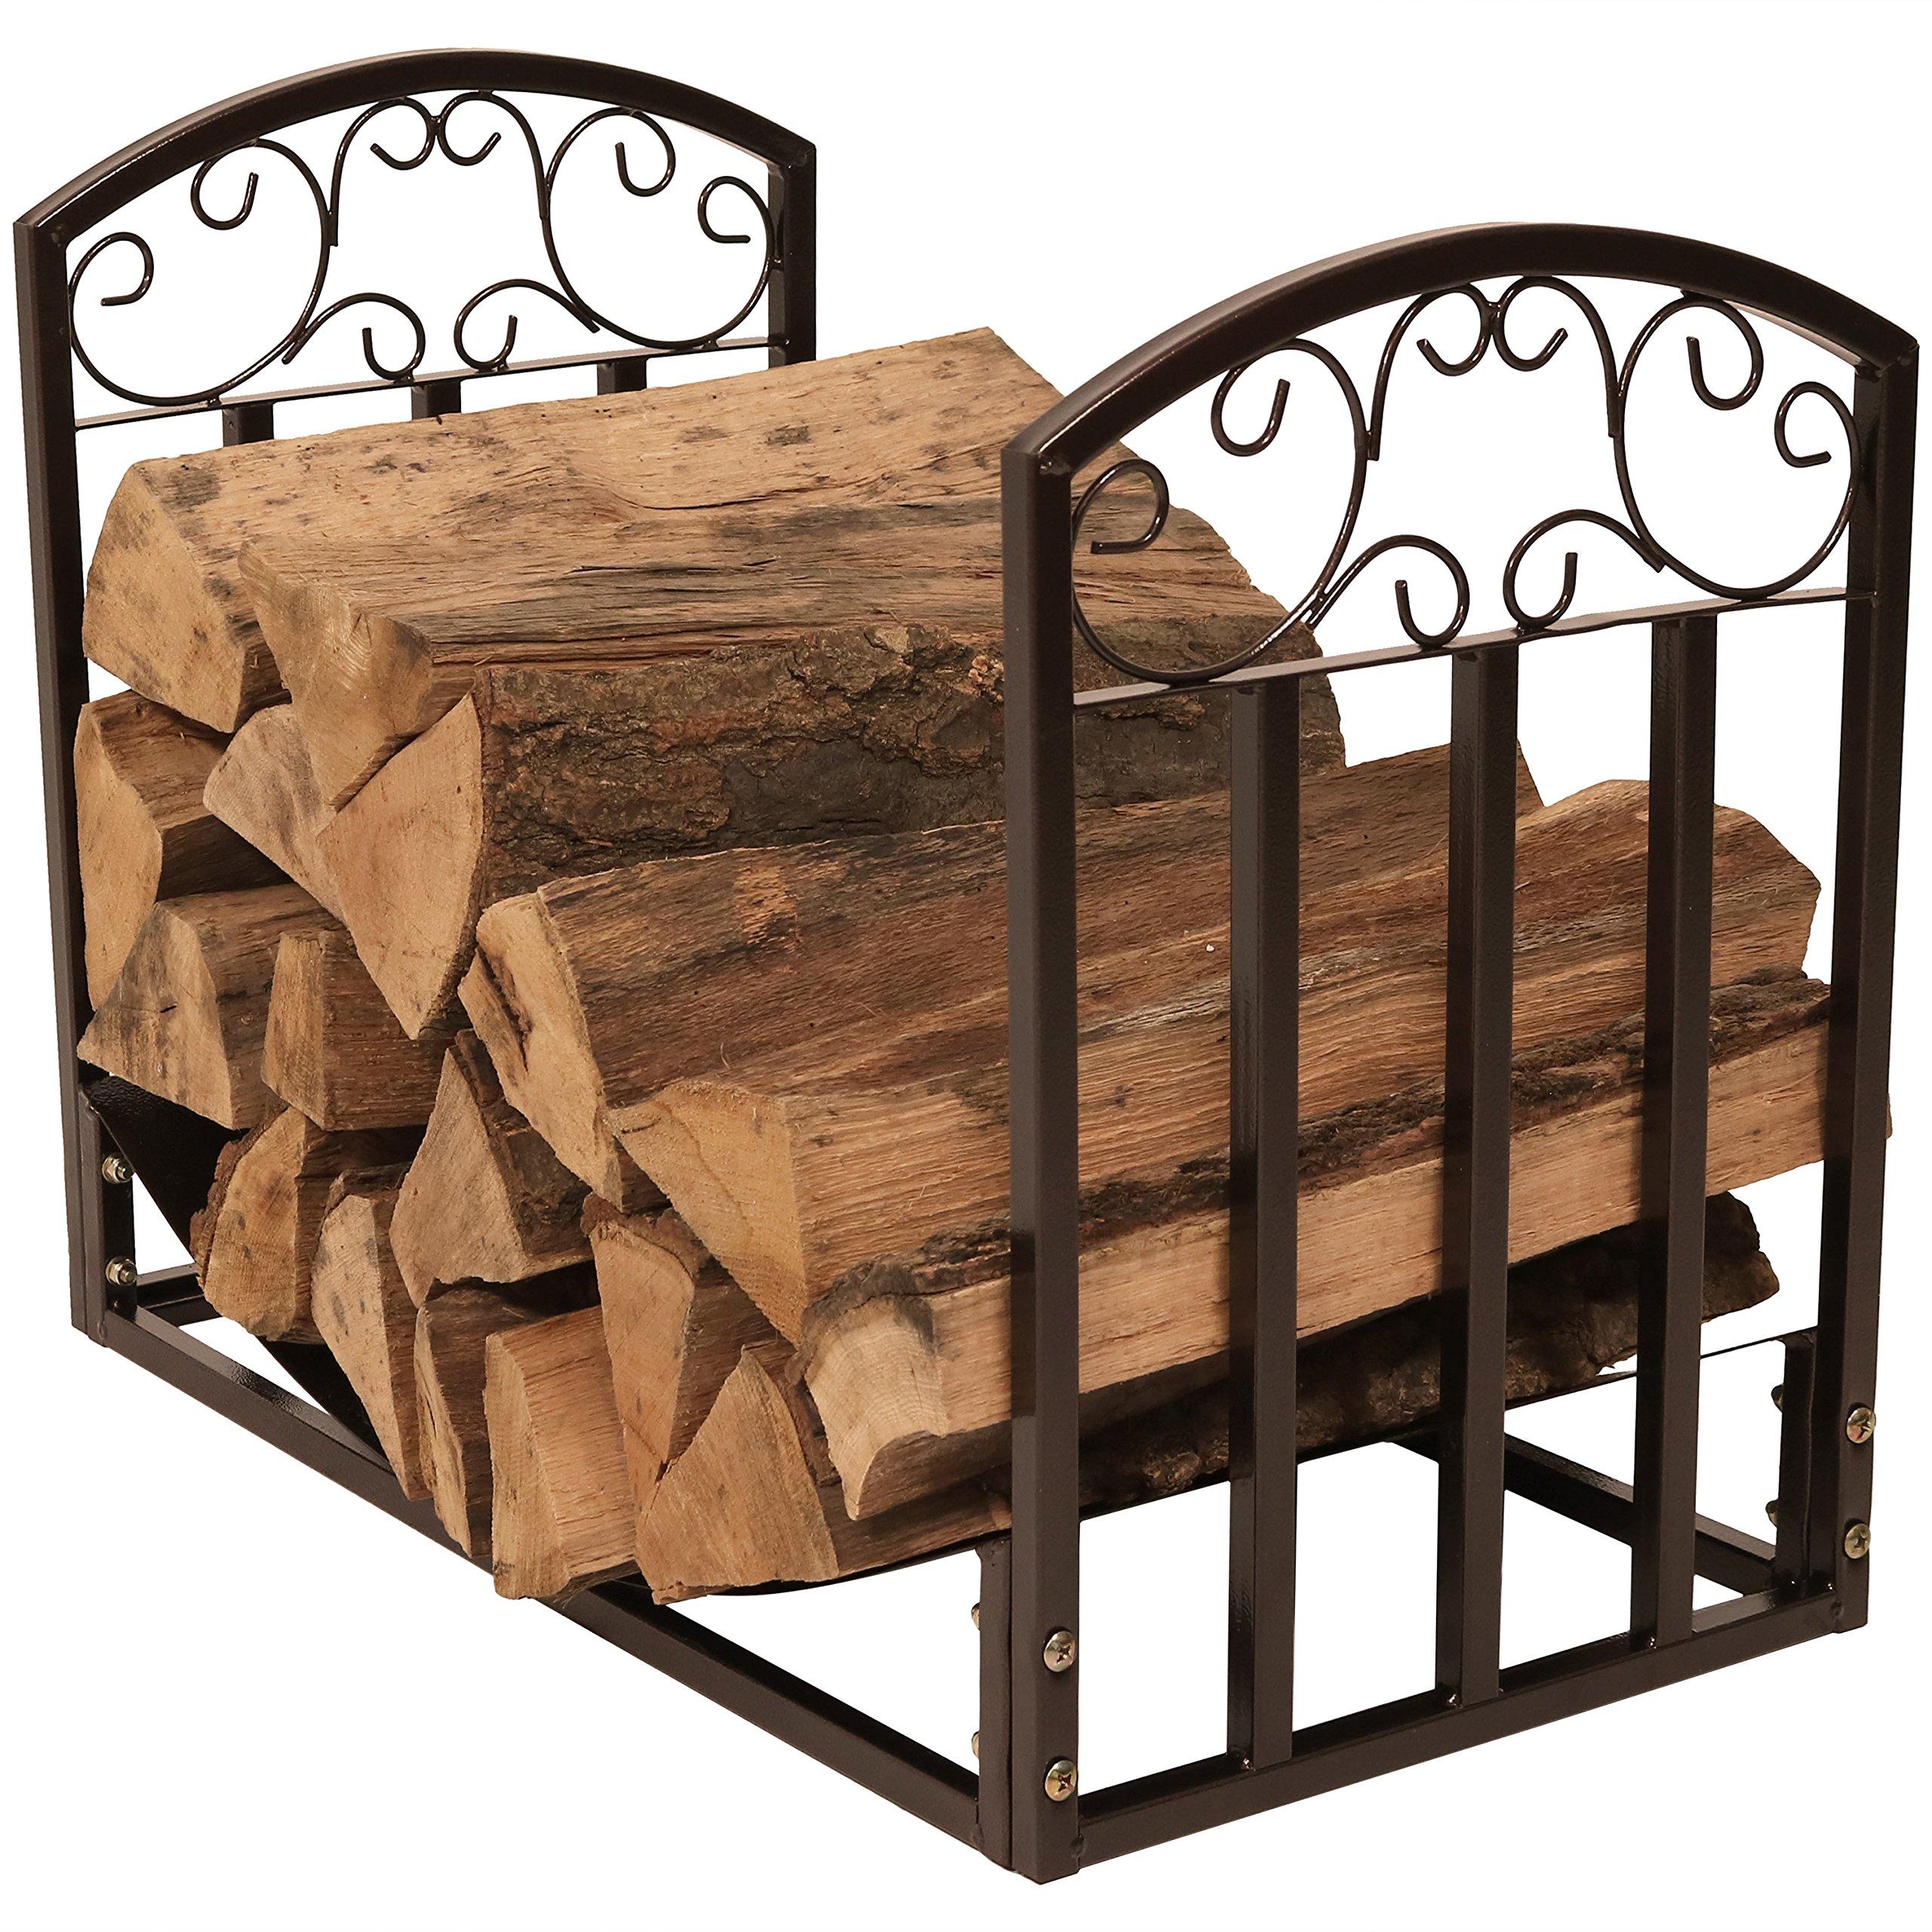 Sunnydaze Designer Indoor/Outdoor 2-Foot Decorative Log Rack, Bronze